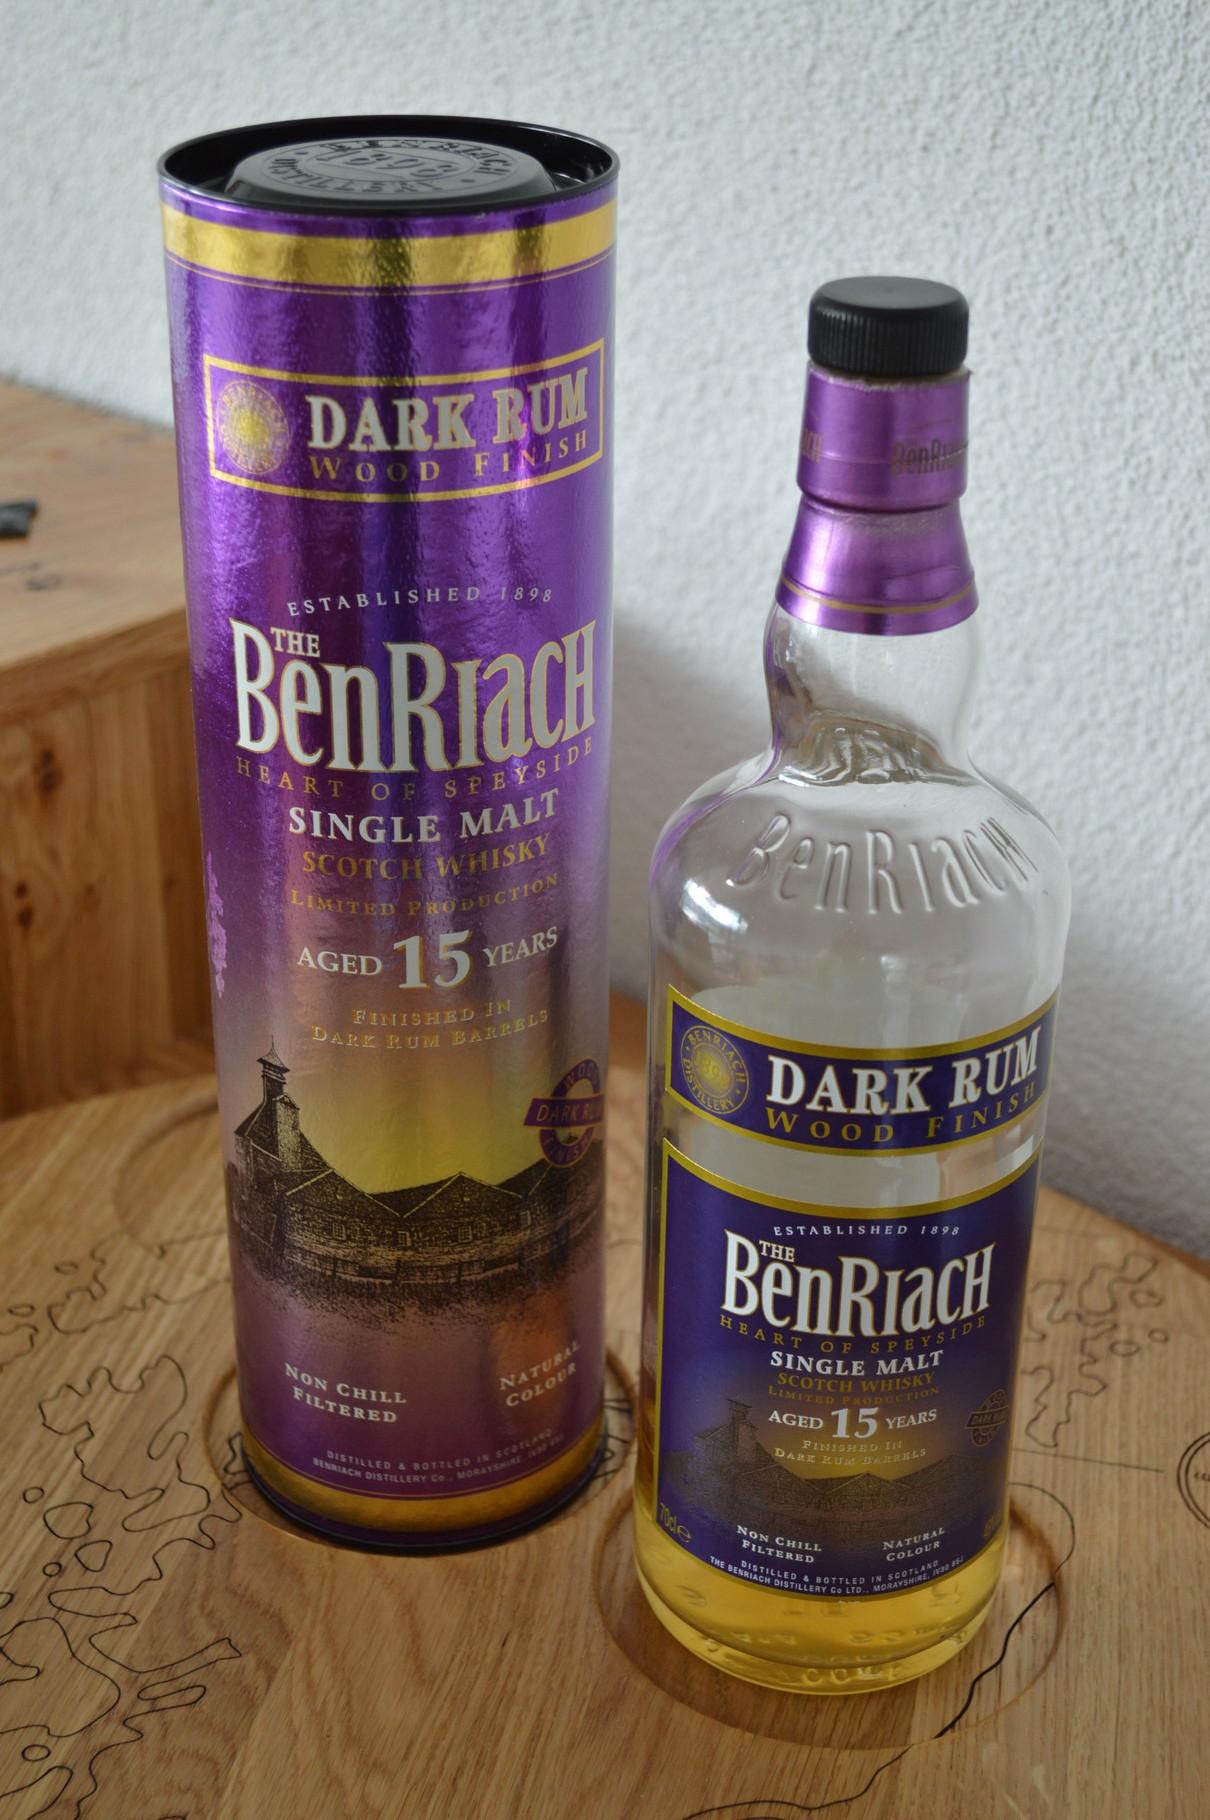 SPEYSIDE - BenRiach* - Aged: 15 years - Bottler: Original - 70cl - 46% - Dark Rum Finish